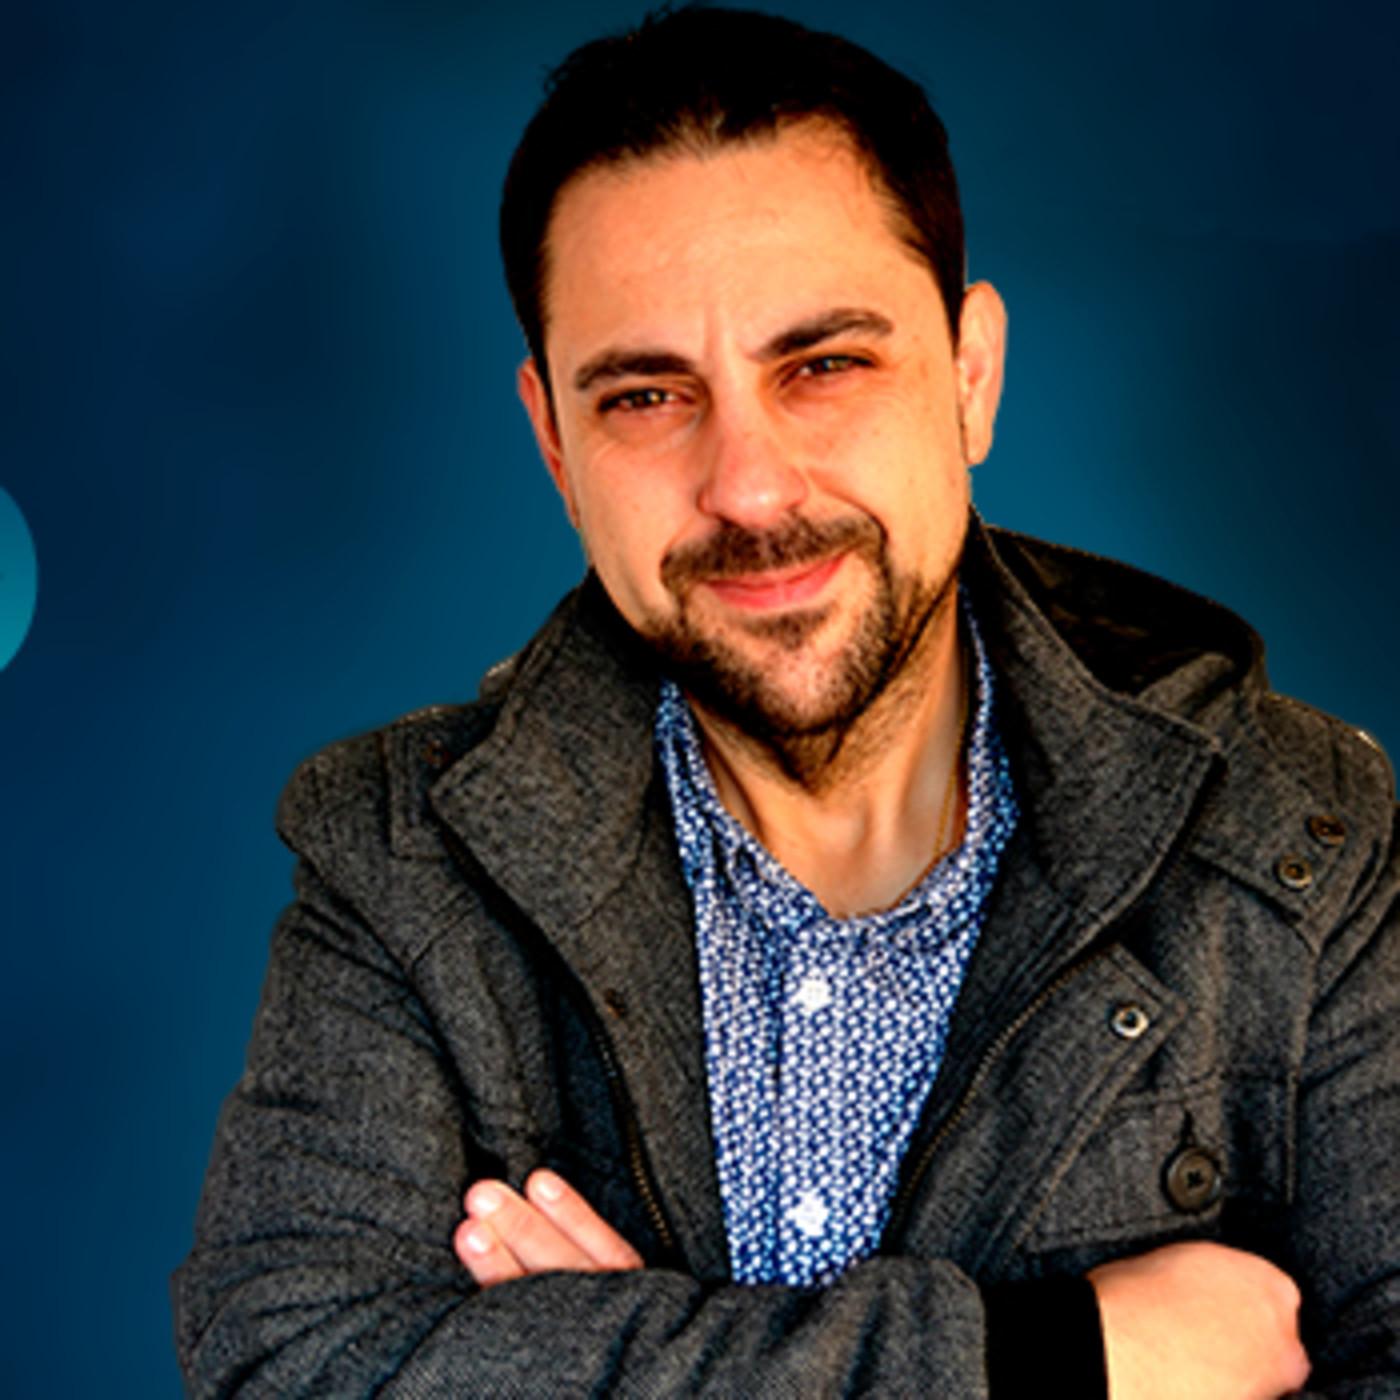 Entrevista a J.A Roldán en el programa Canal del Misterio sobre diversos casos